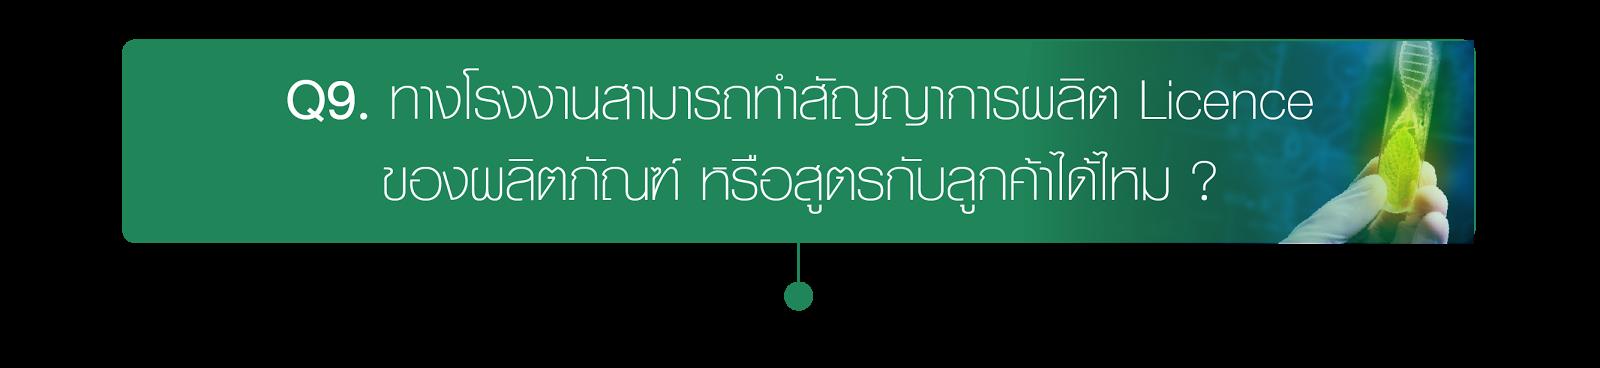 FAQ_img_09_การดำเนินงานด้านจดทะเบียนผลิตภัณฑ์อาหารเสริมต่างๆ